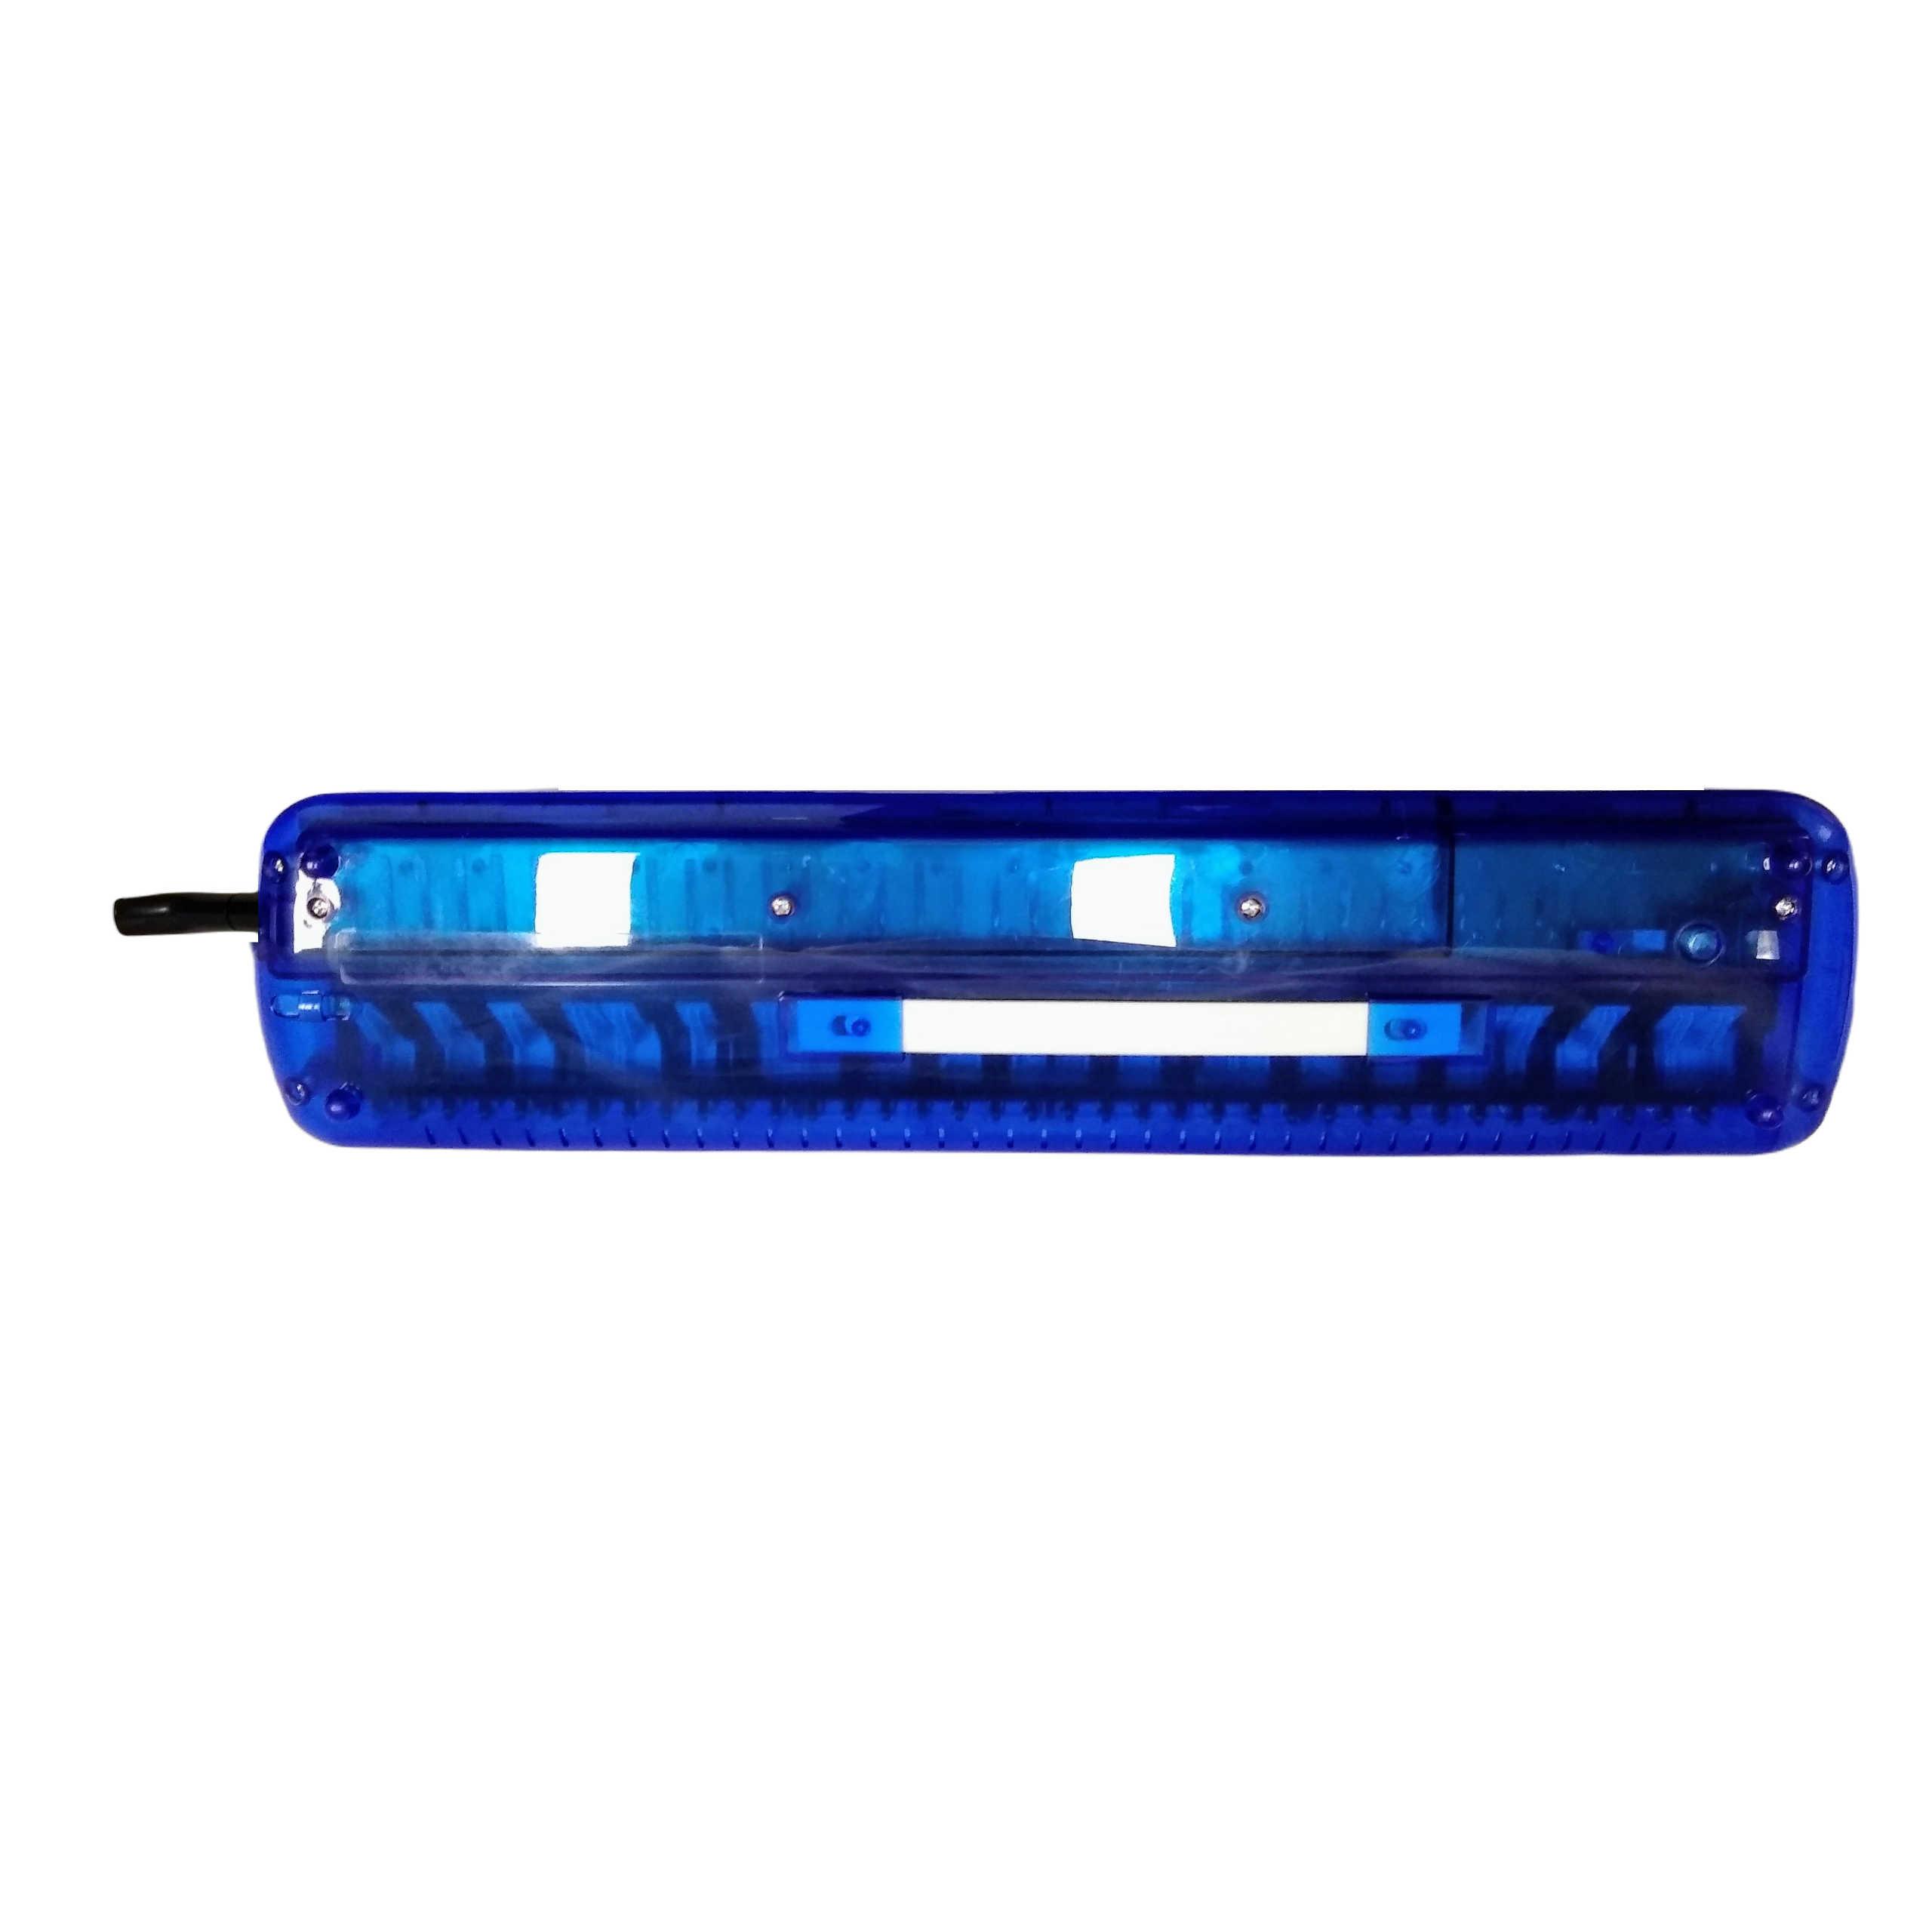 Excalibur 37 Note Transparent Pro Series Midnight Blue